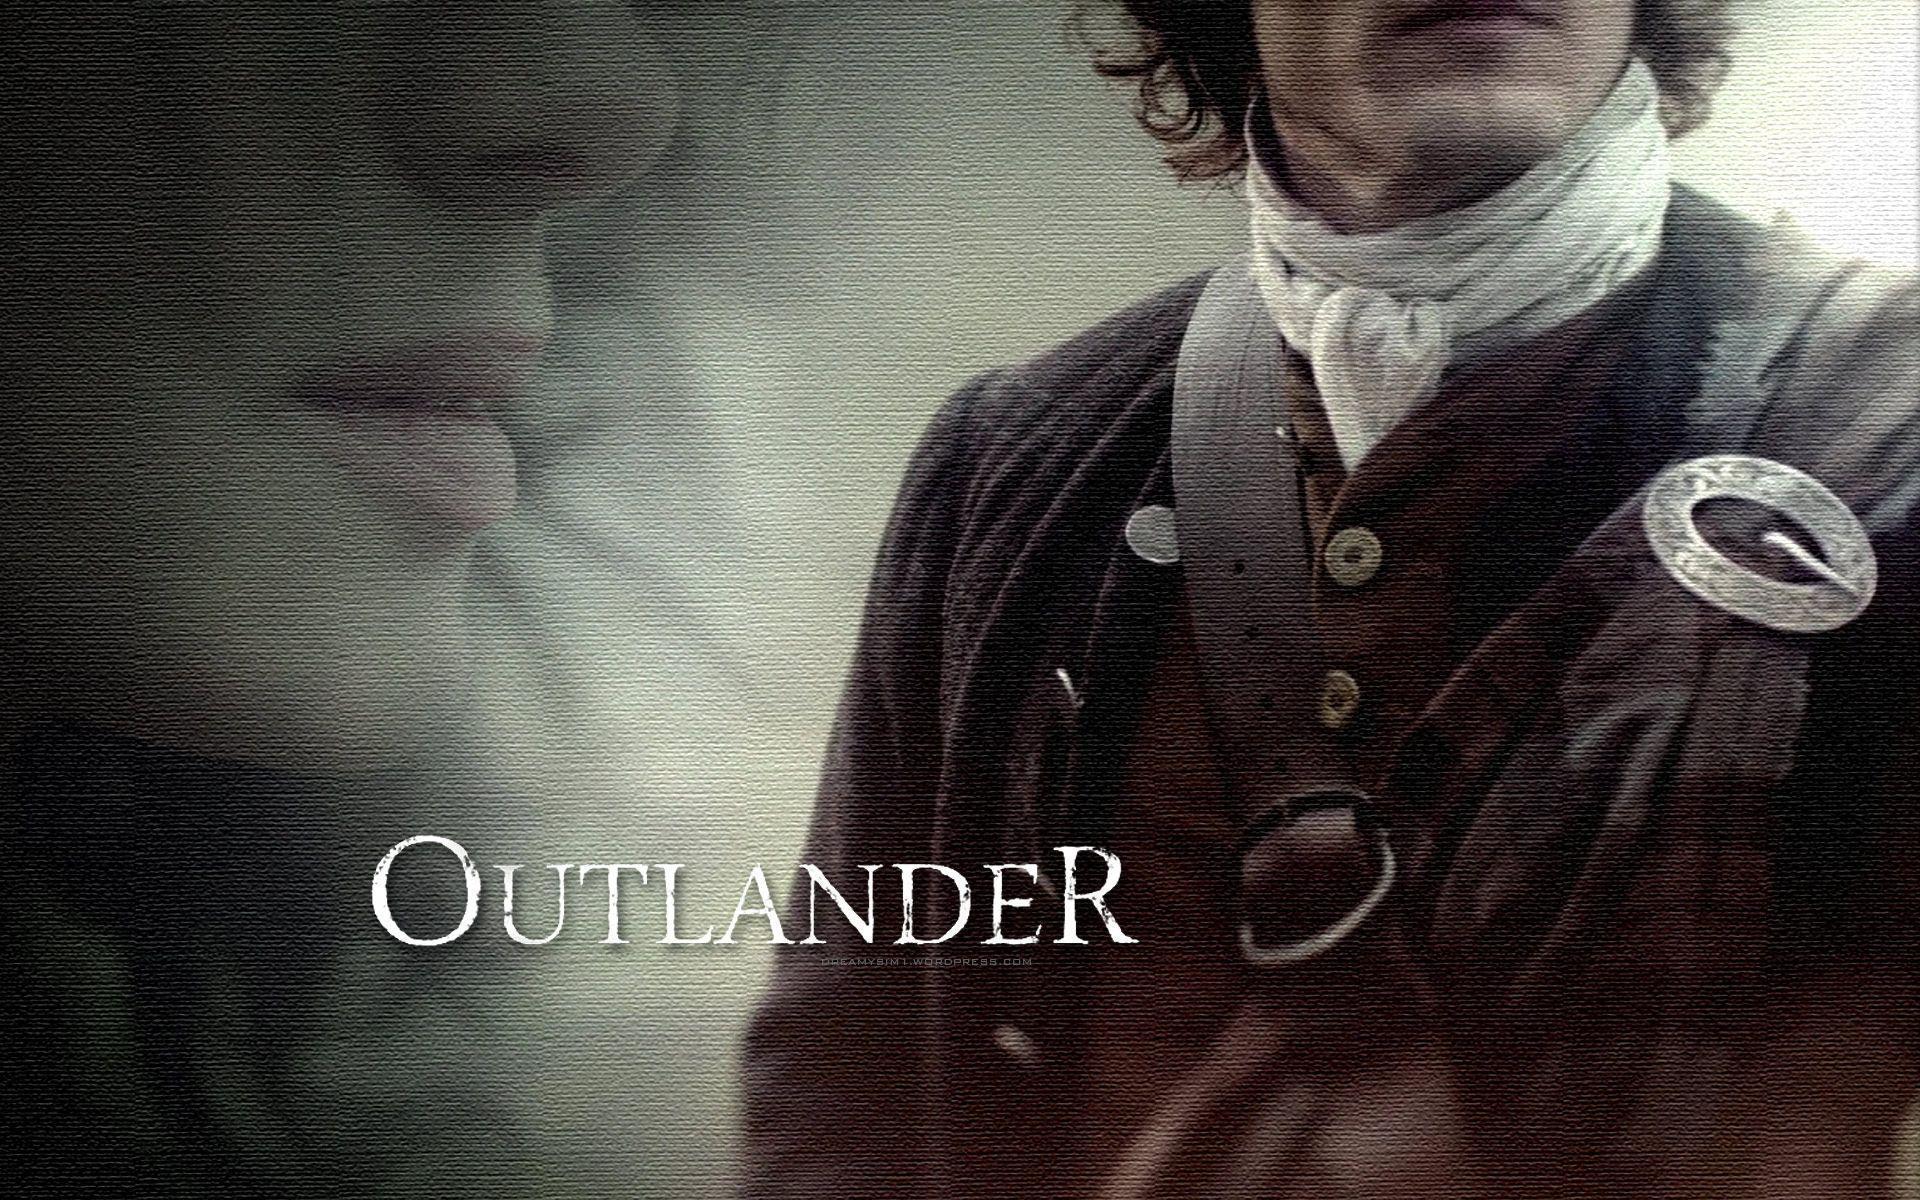 Outlander Zoom Background 4